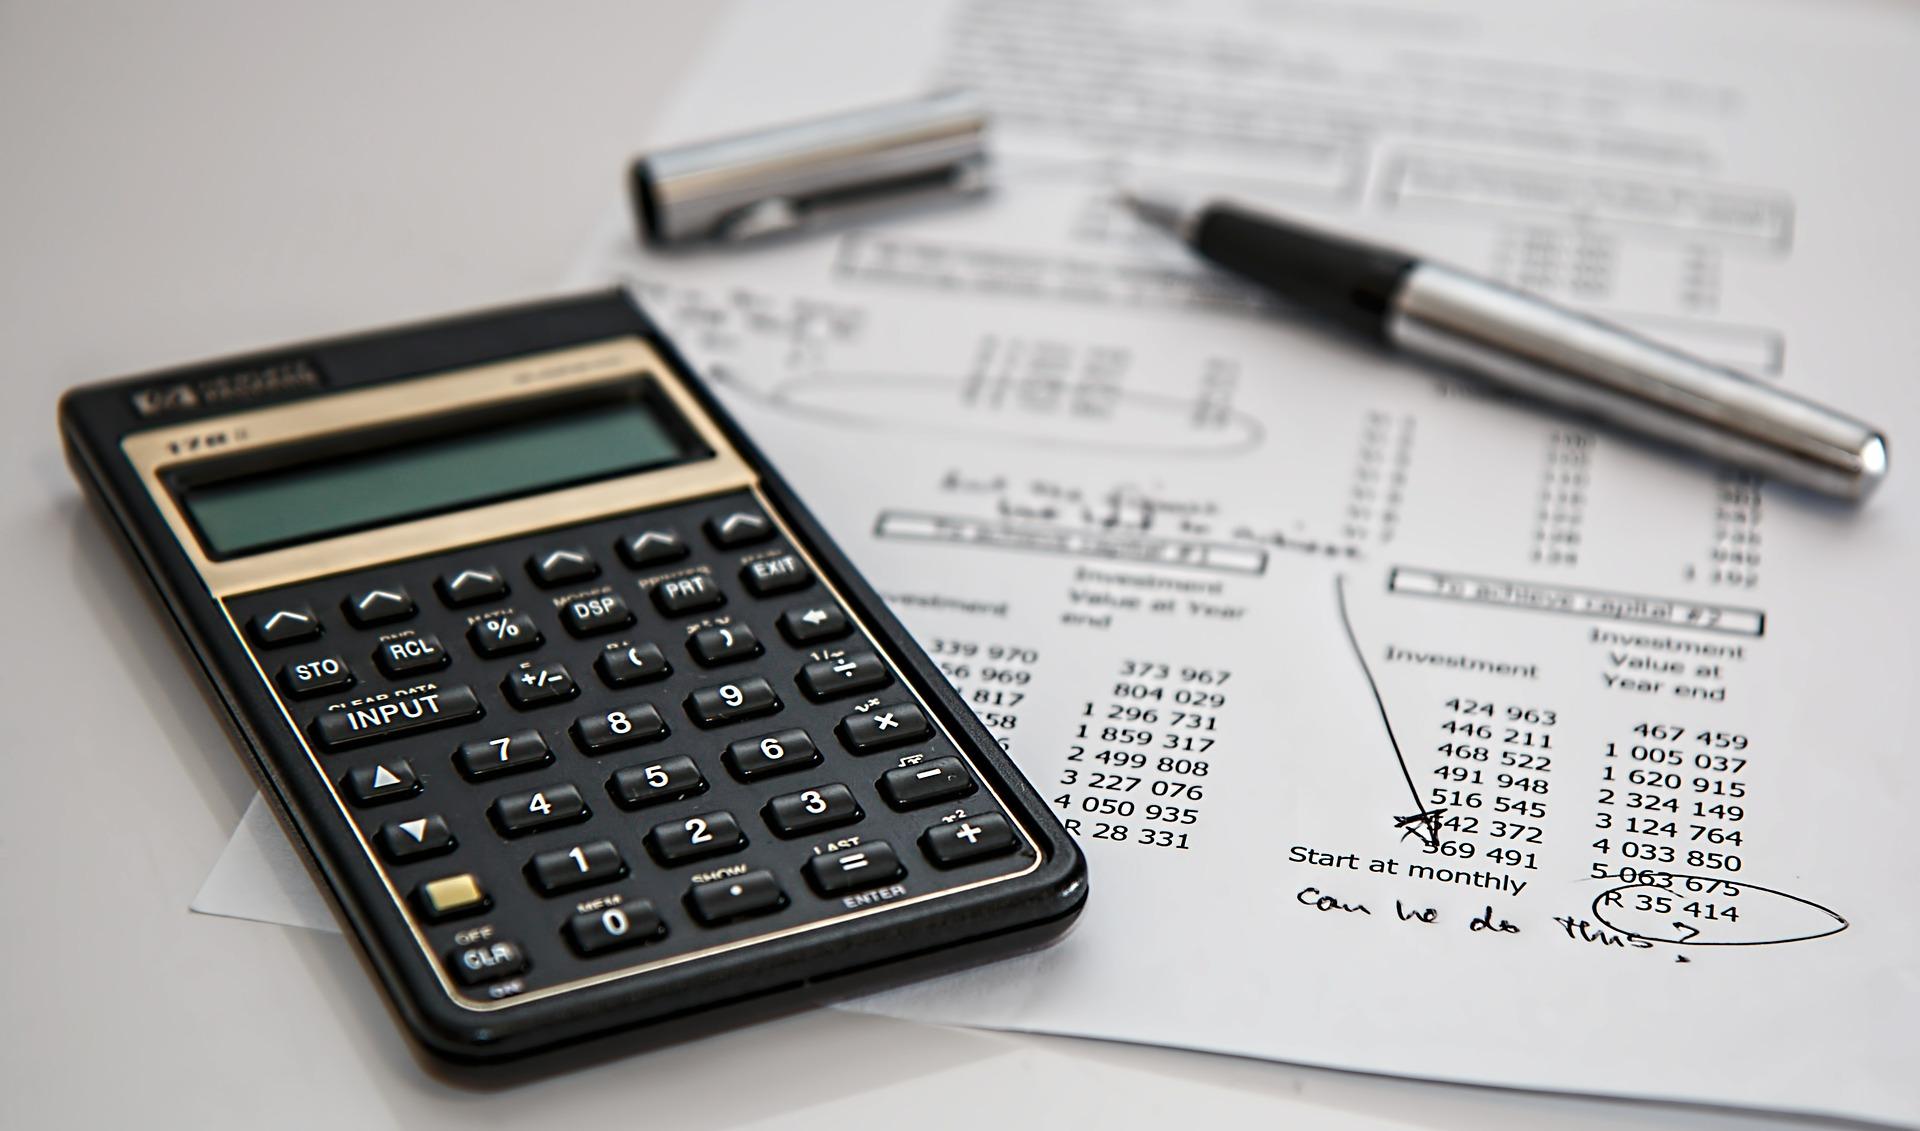 25 micro-impôts vont être supprimés par l'État